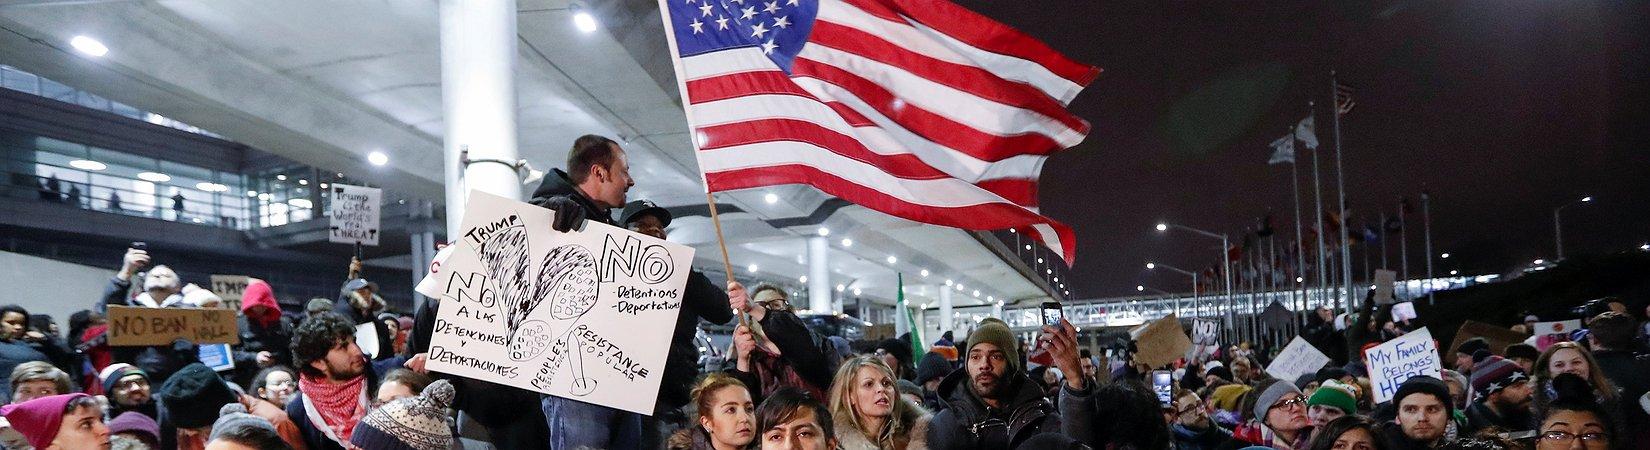 المظاهرات المناوئة لسياسة ترامب في الهجرة